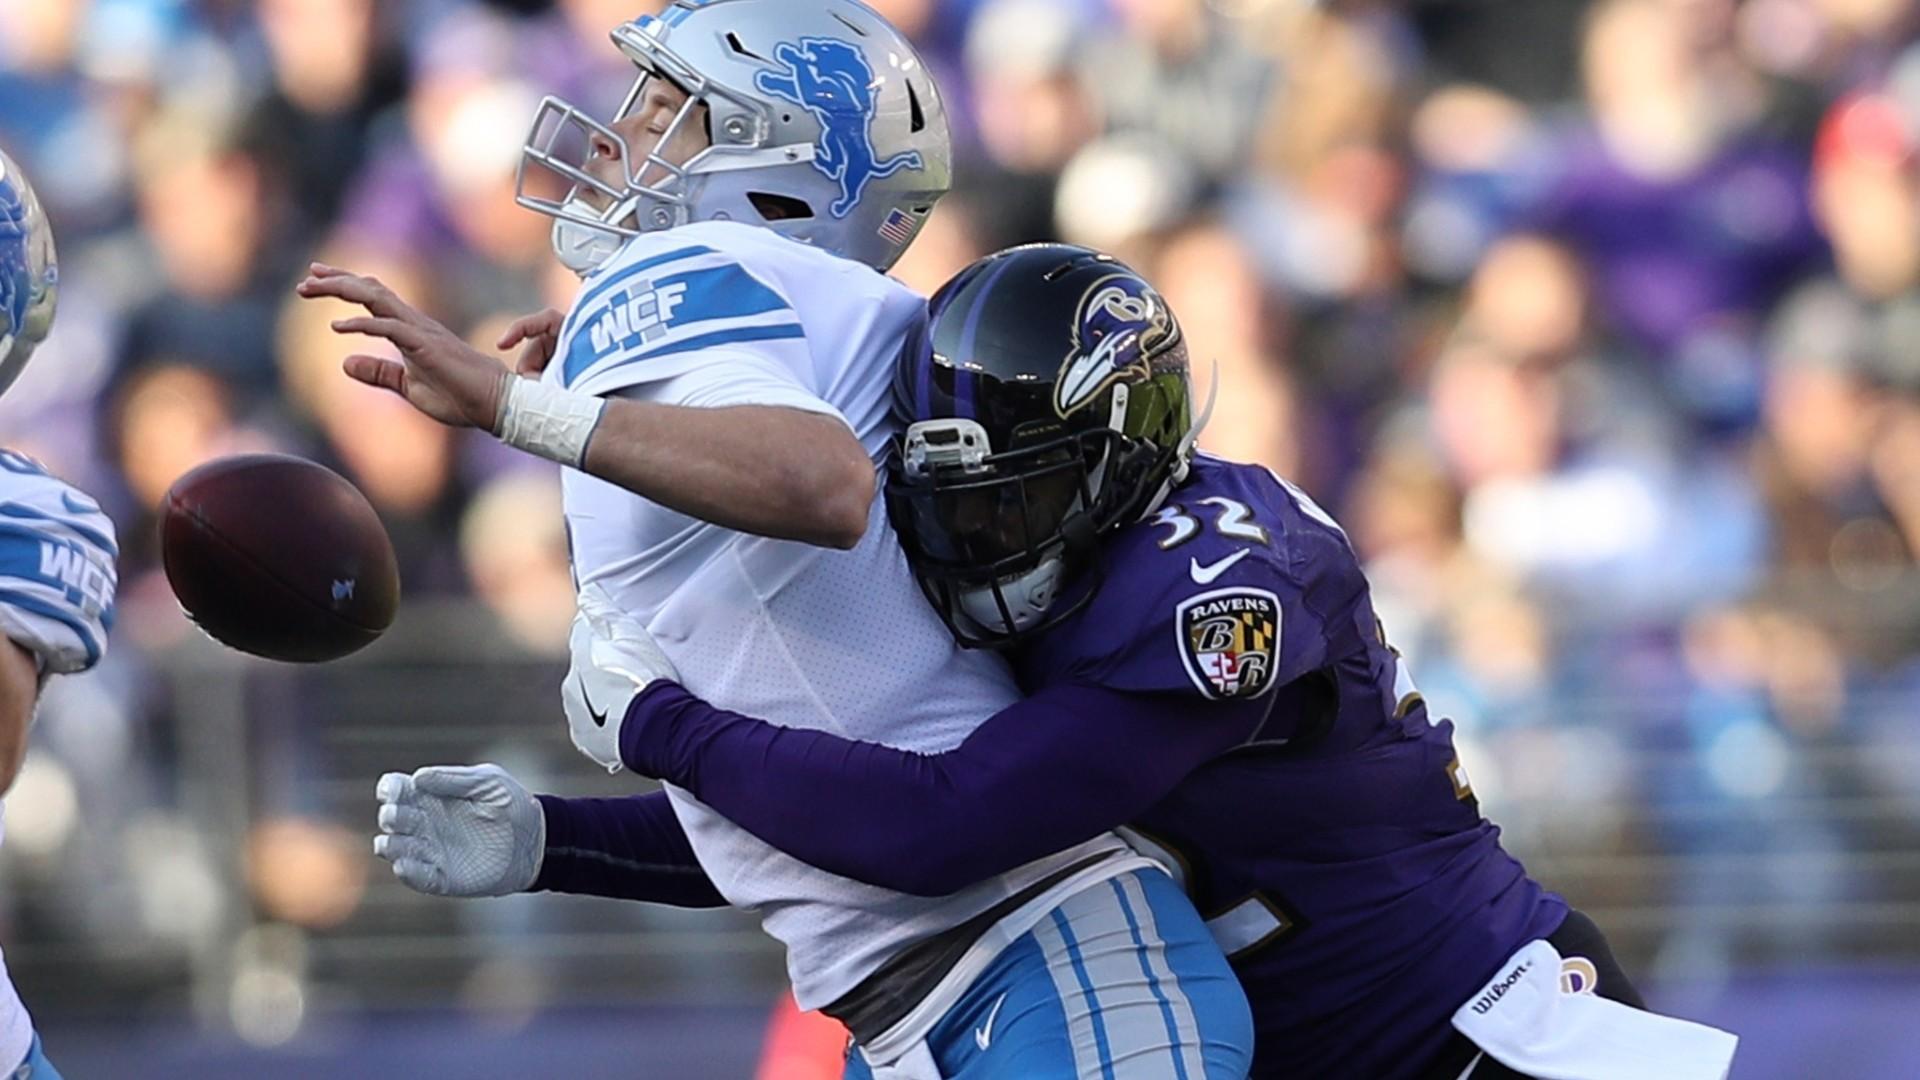 Ravens recap: Ravens roar past Lions, 44-20